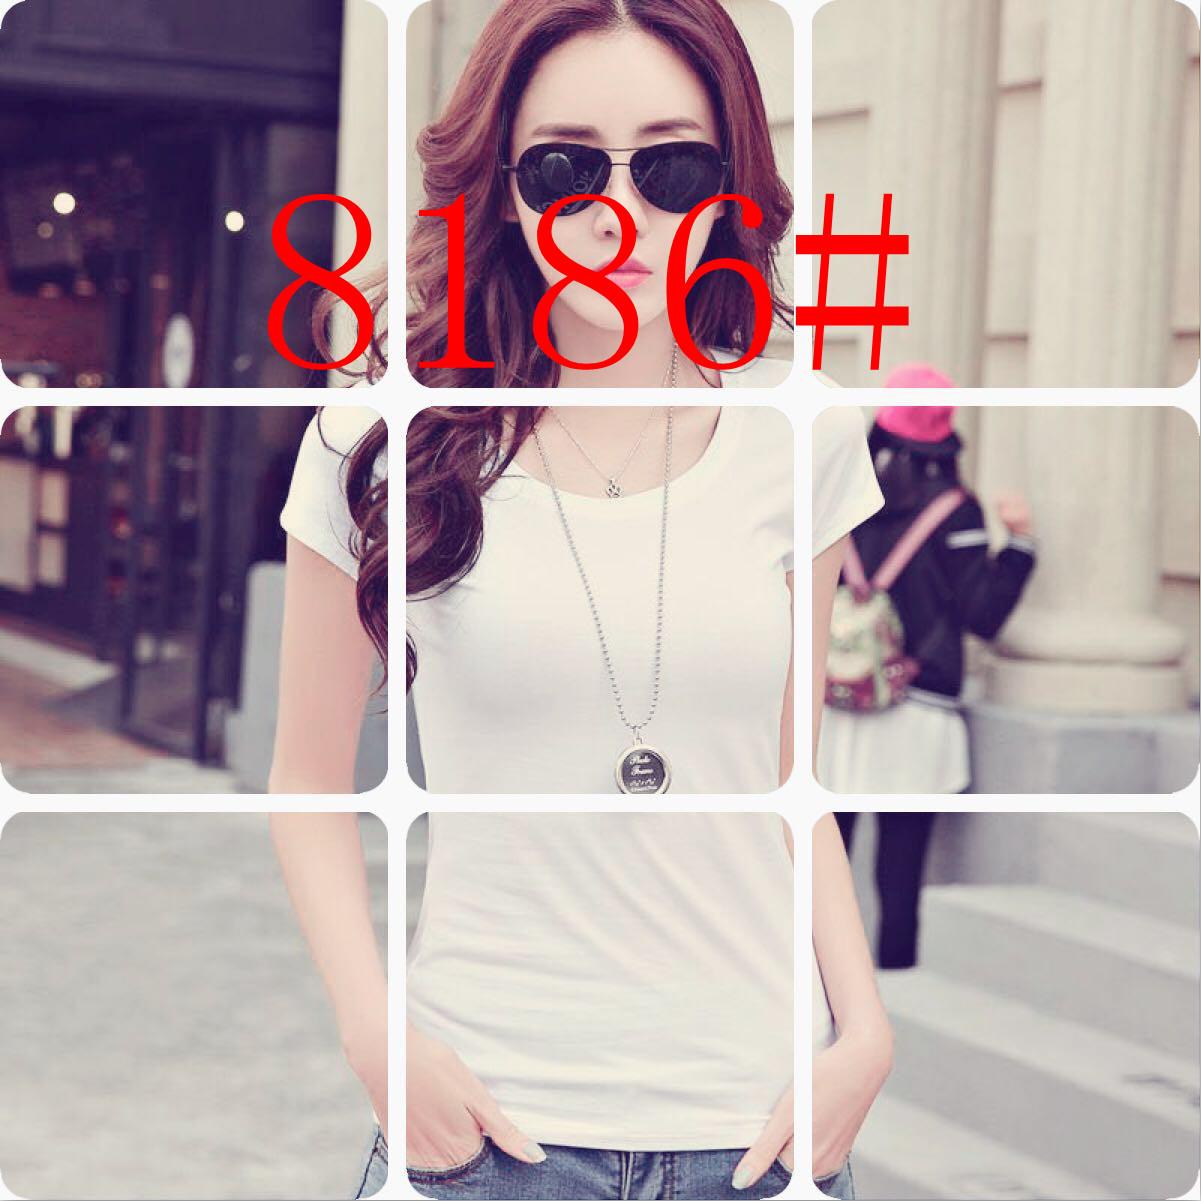 8186#春装女t恤女夏打底衫修身上衣短袖纯白色黑色